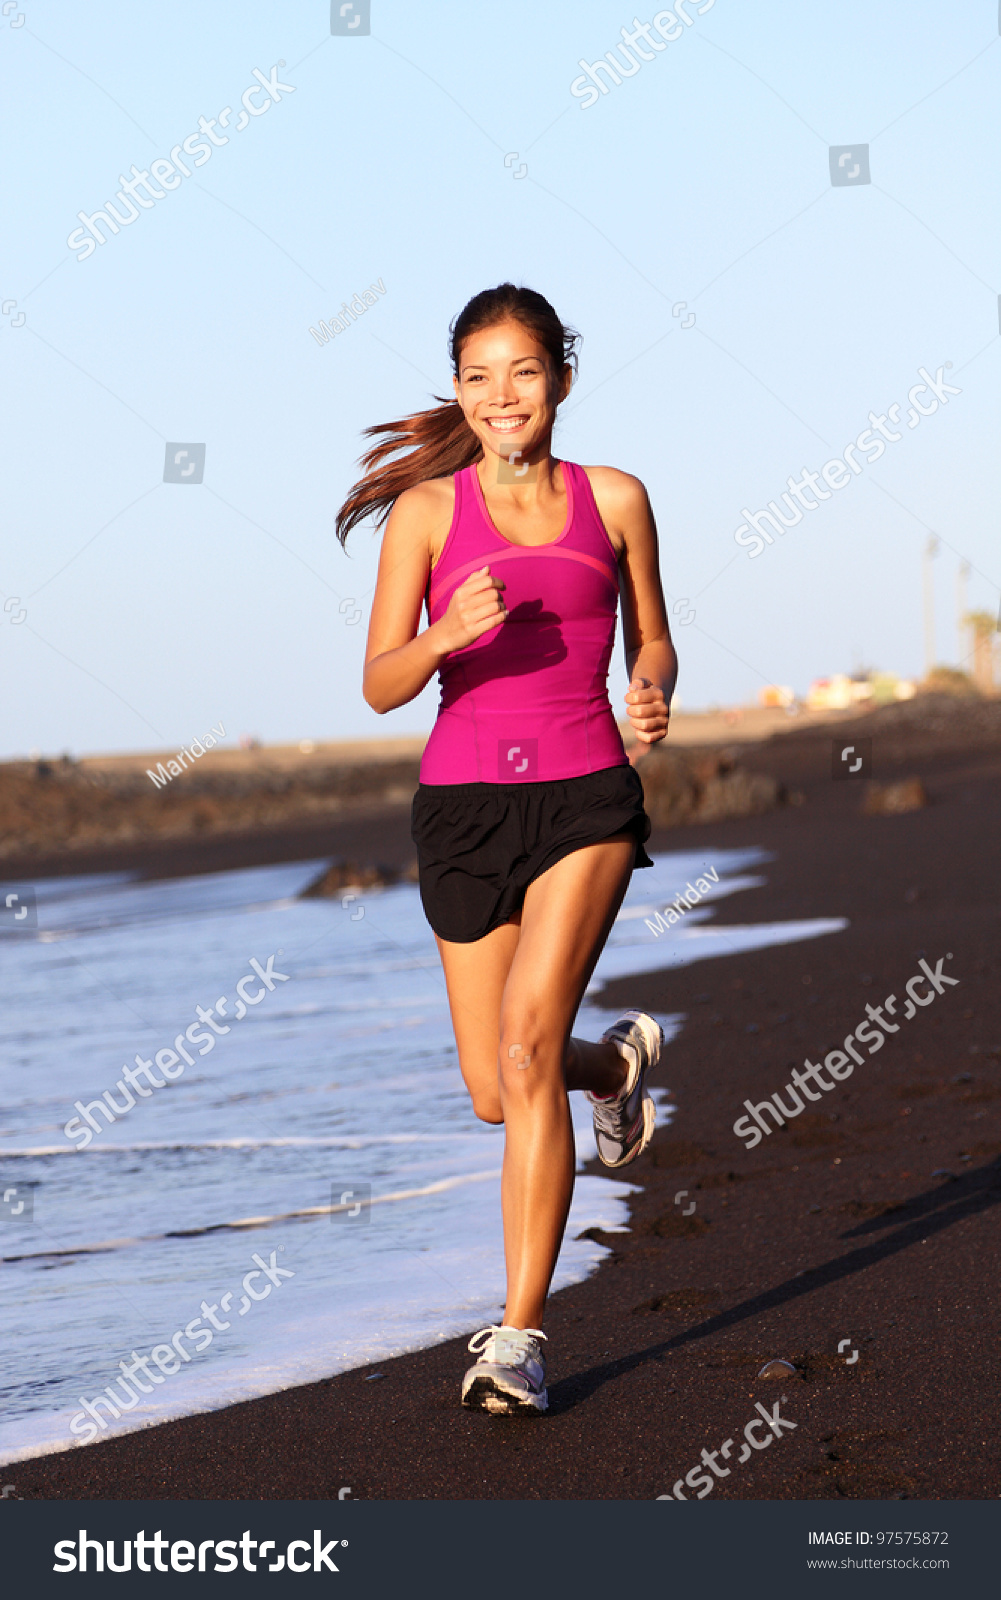 как правильно надо бегать чтобы похудеть